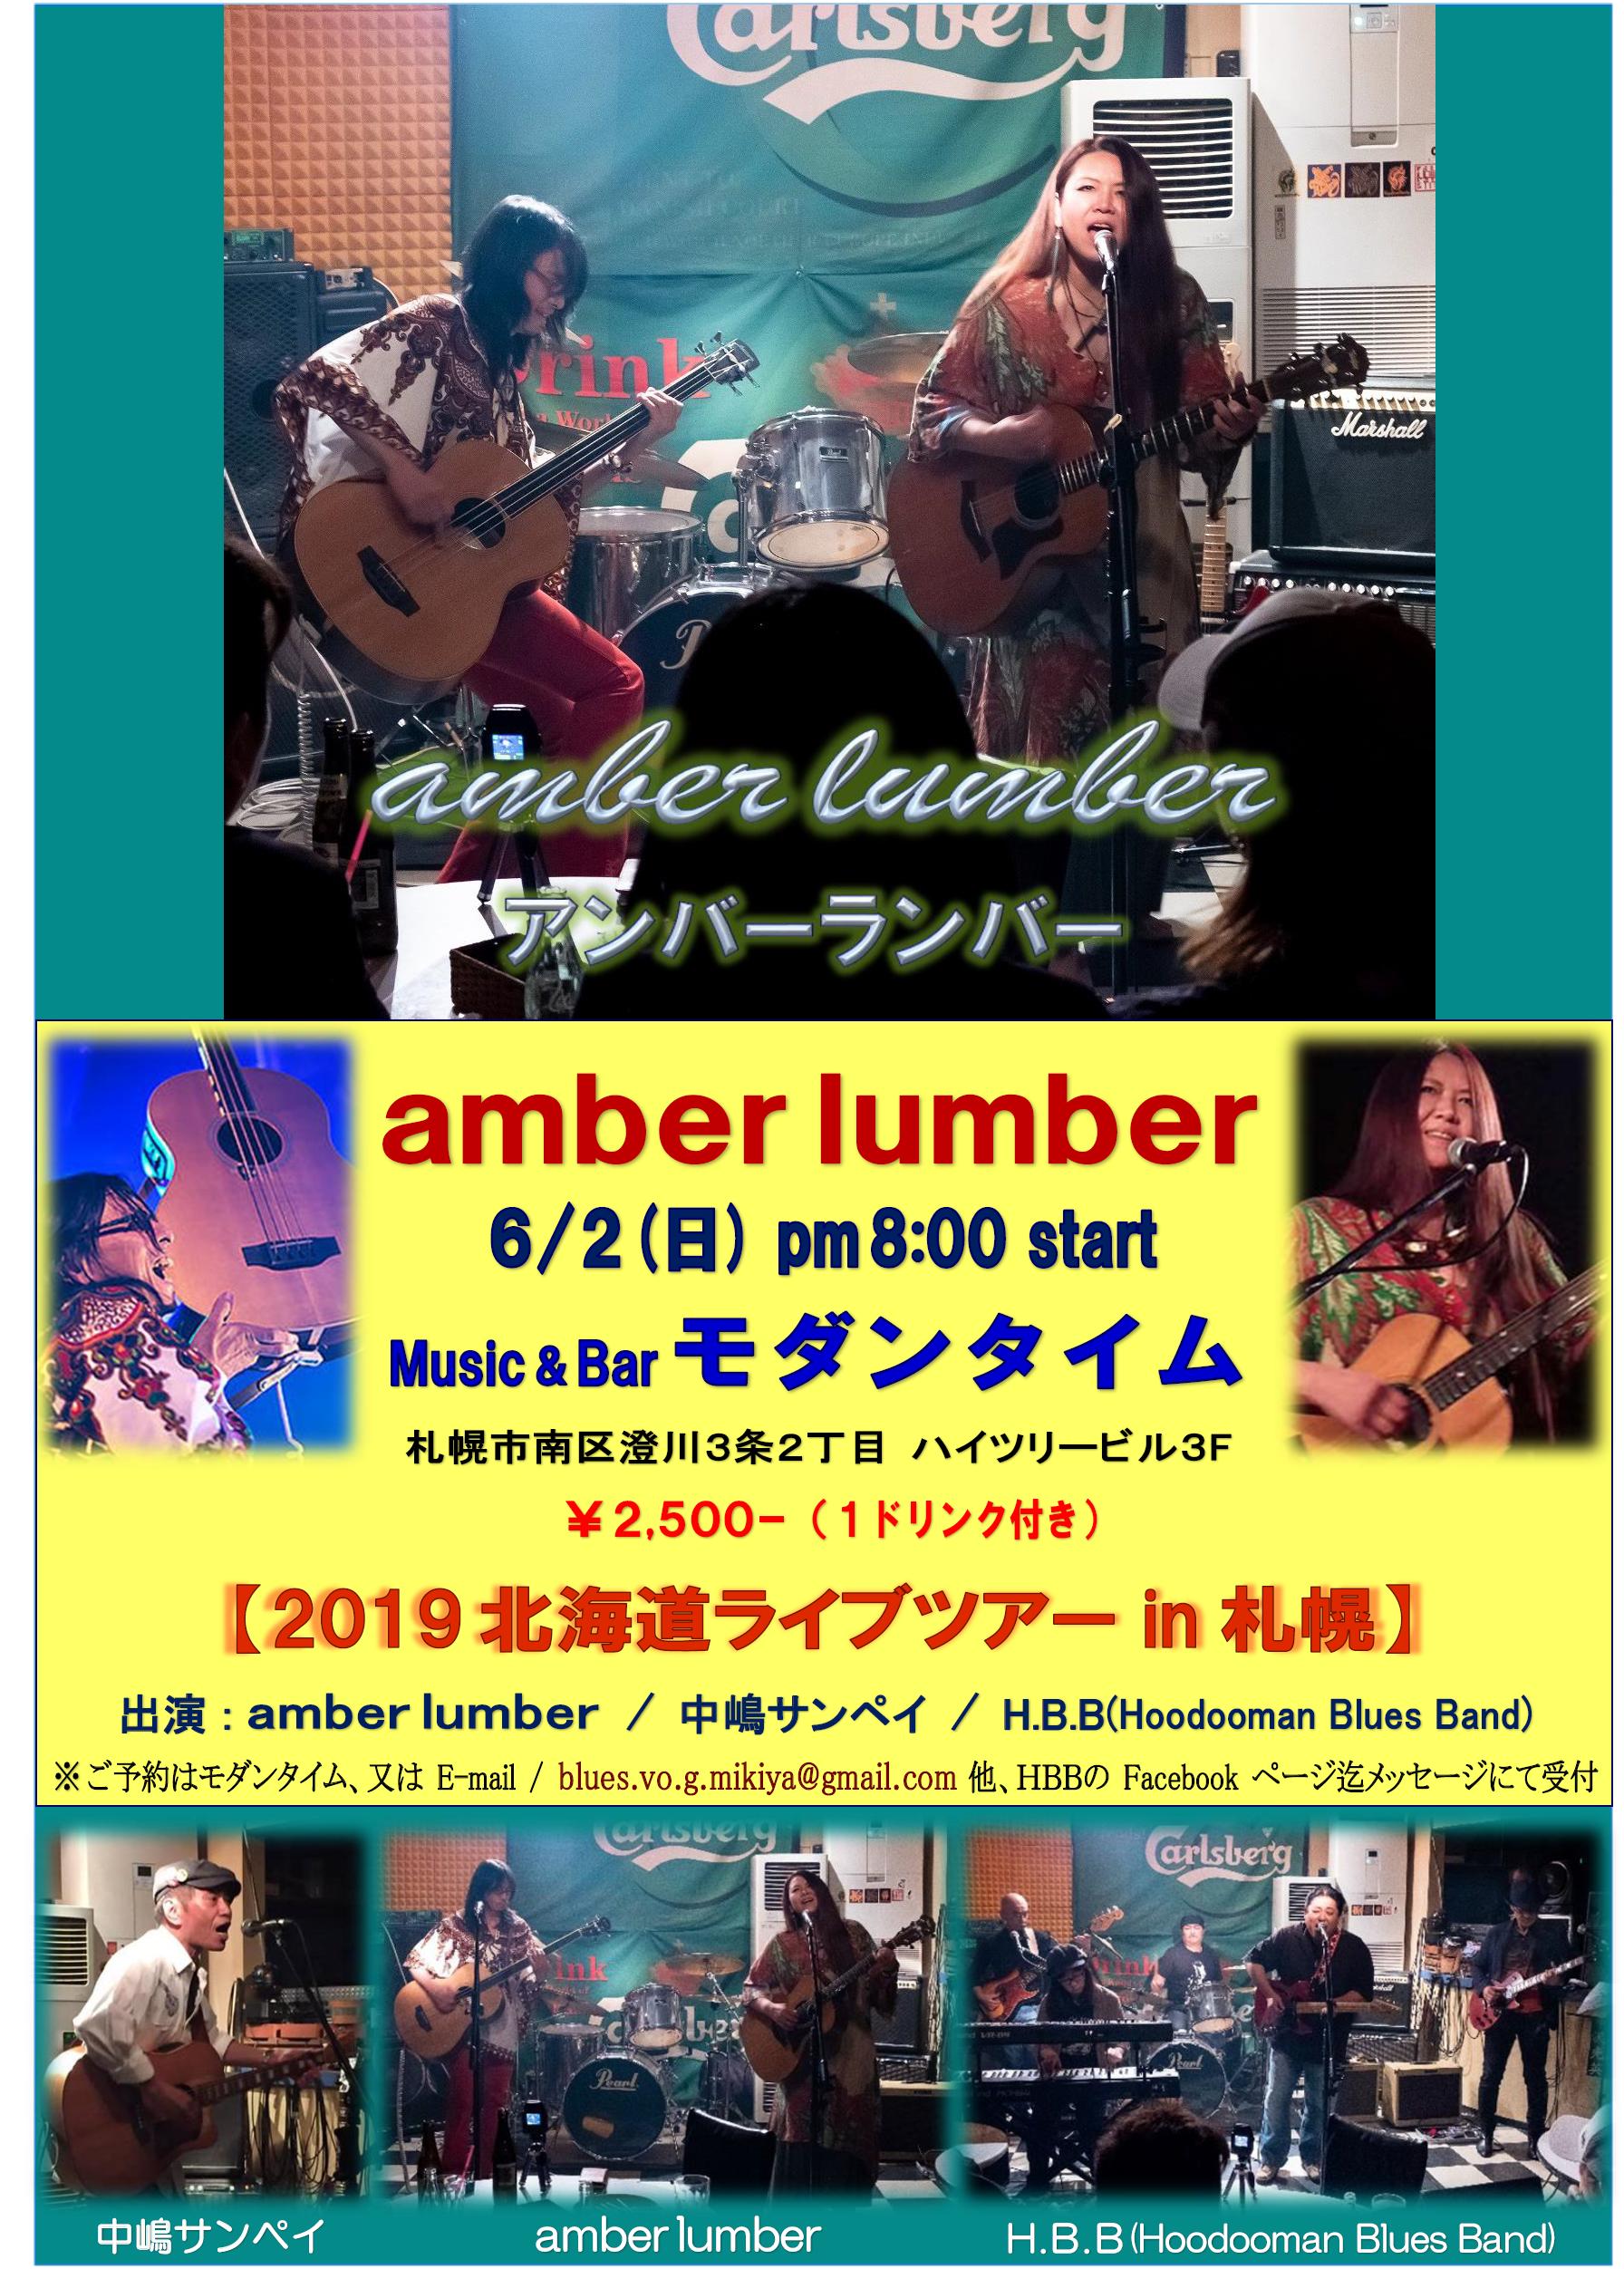 アンバーランバー 北海道ライブツアー2019 イメージ画像